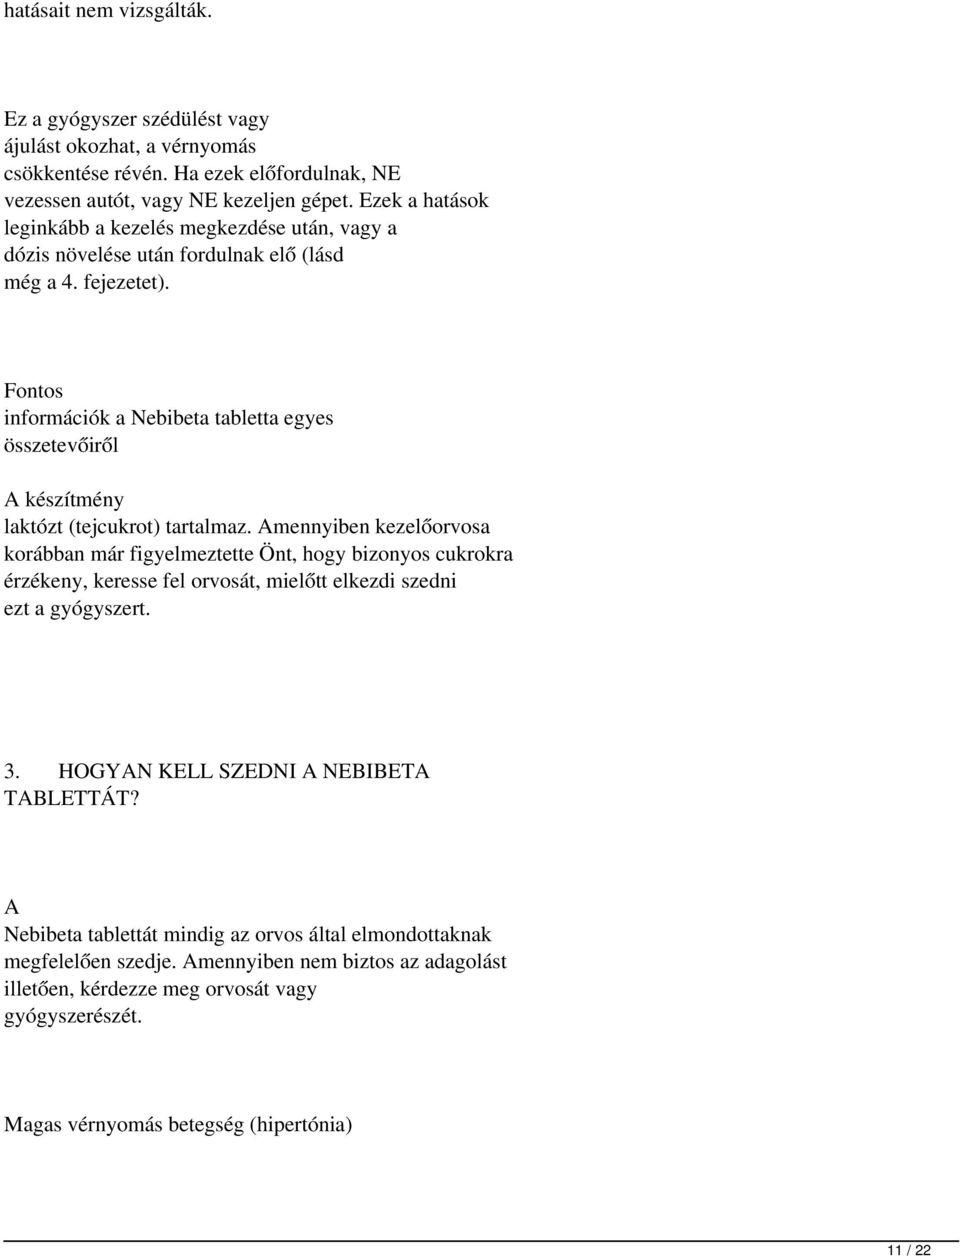 VERAPAMIL 40 mg filmtabletta - Gyógyszerkereső - Háhegyisportclub.hu